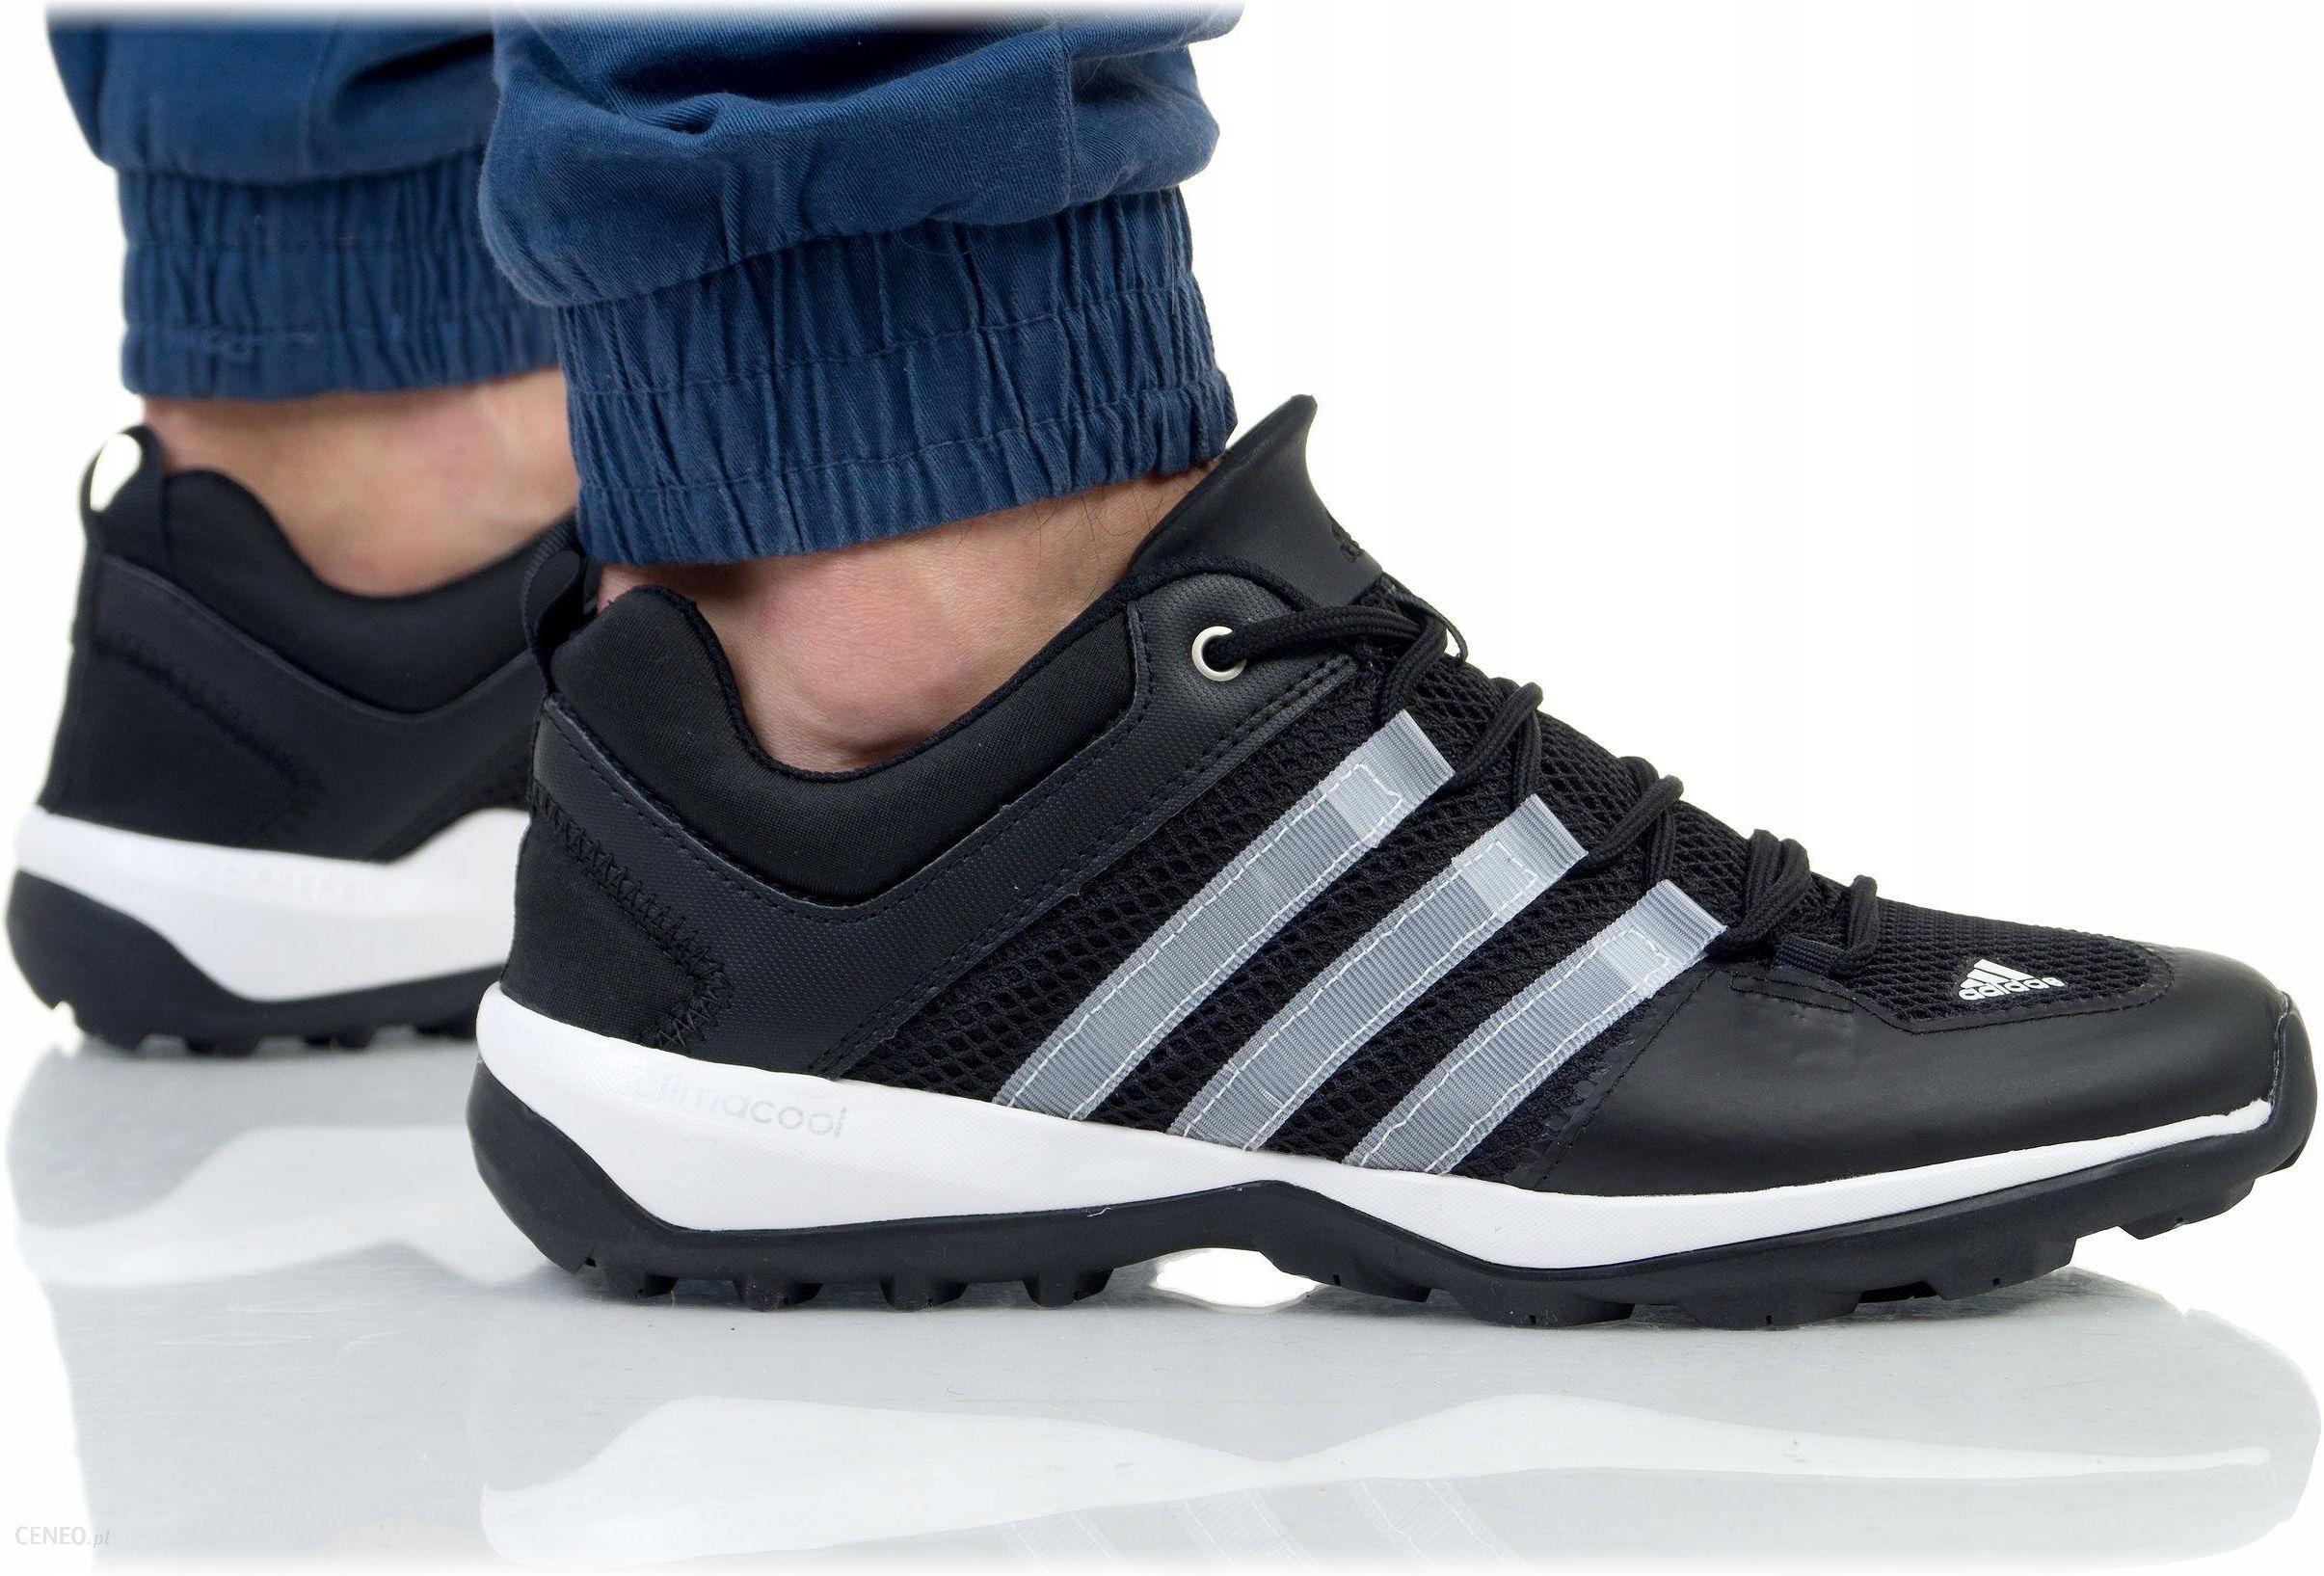 45606d96d Buty Adidas Męskie Climacool Daroga Plus B40915 - Ceny i opinie ...